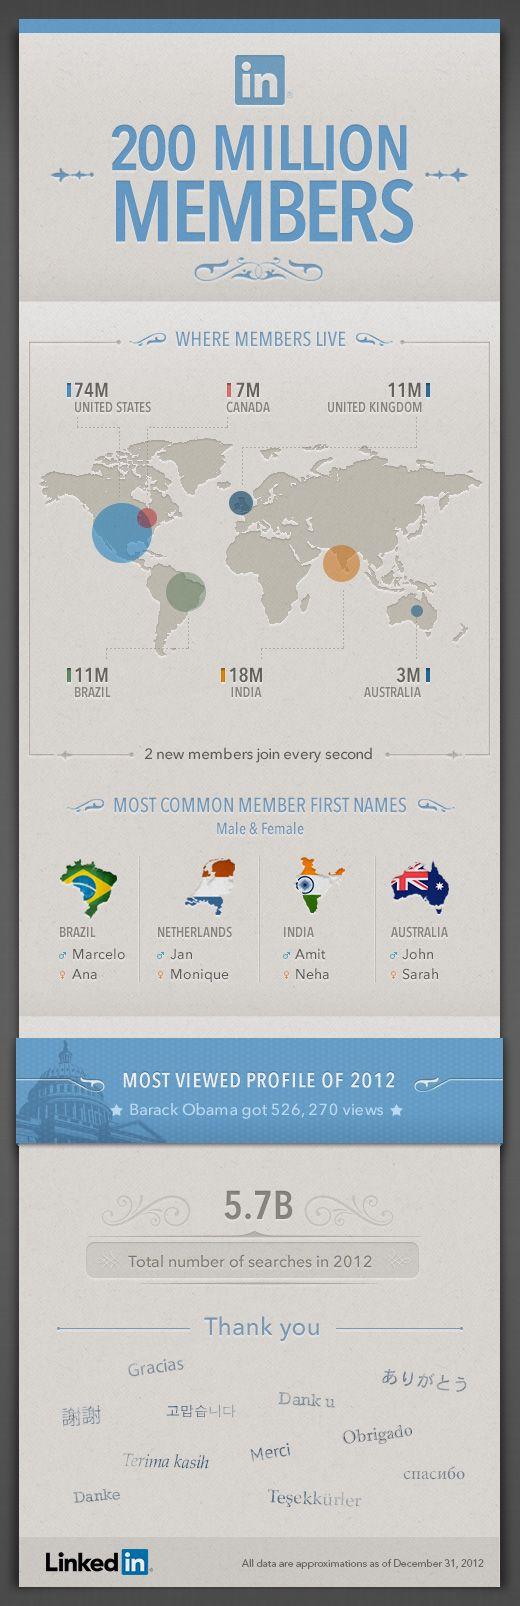 Linkedin lanza un agradecimiento a sus 200 millones de usuarios y nos muestra en esta infografía quienes son todas esas personas que formamos parte de la red social.